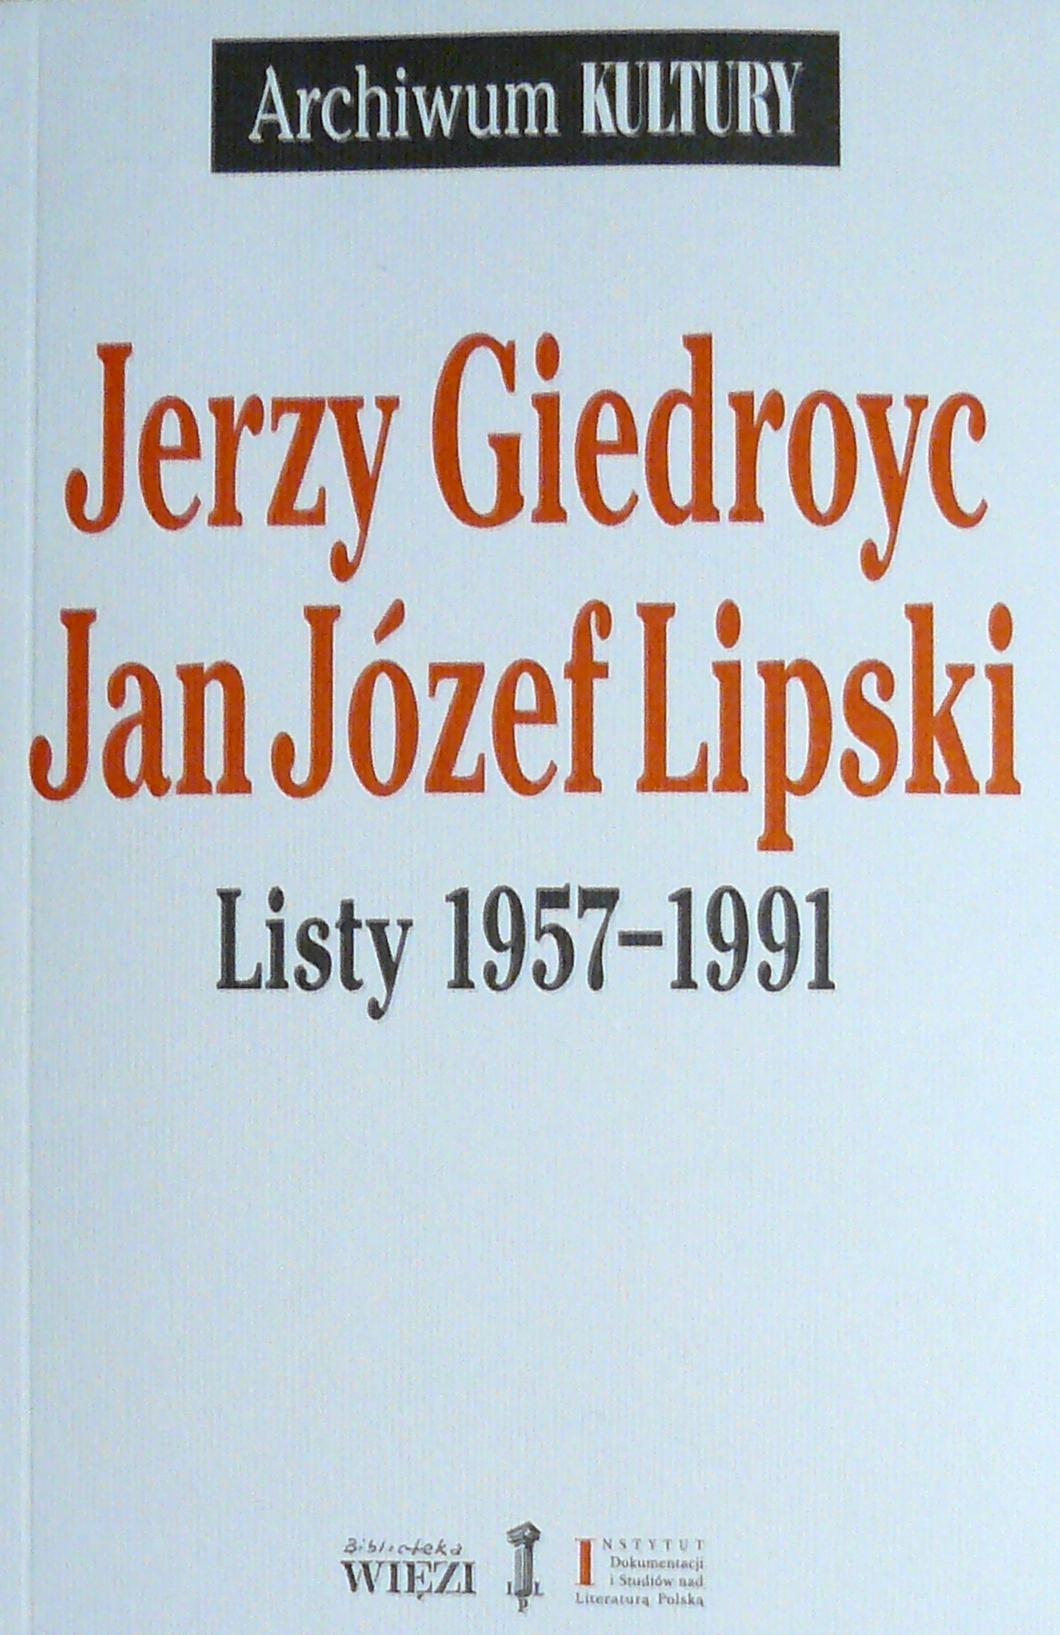 """<div class='inner-box'><div class='close-desc'></div>  <span class='opis'>Jerzy Giedroyc - Jan Józef Lipski. Listy 1957-1991. Wyd. """"Więź"""" Warszawa 2015.</span>   </div>"""